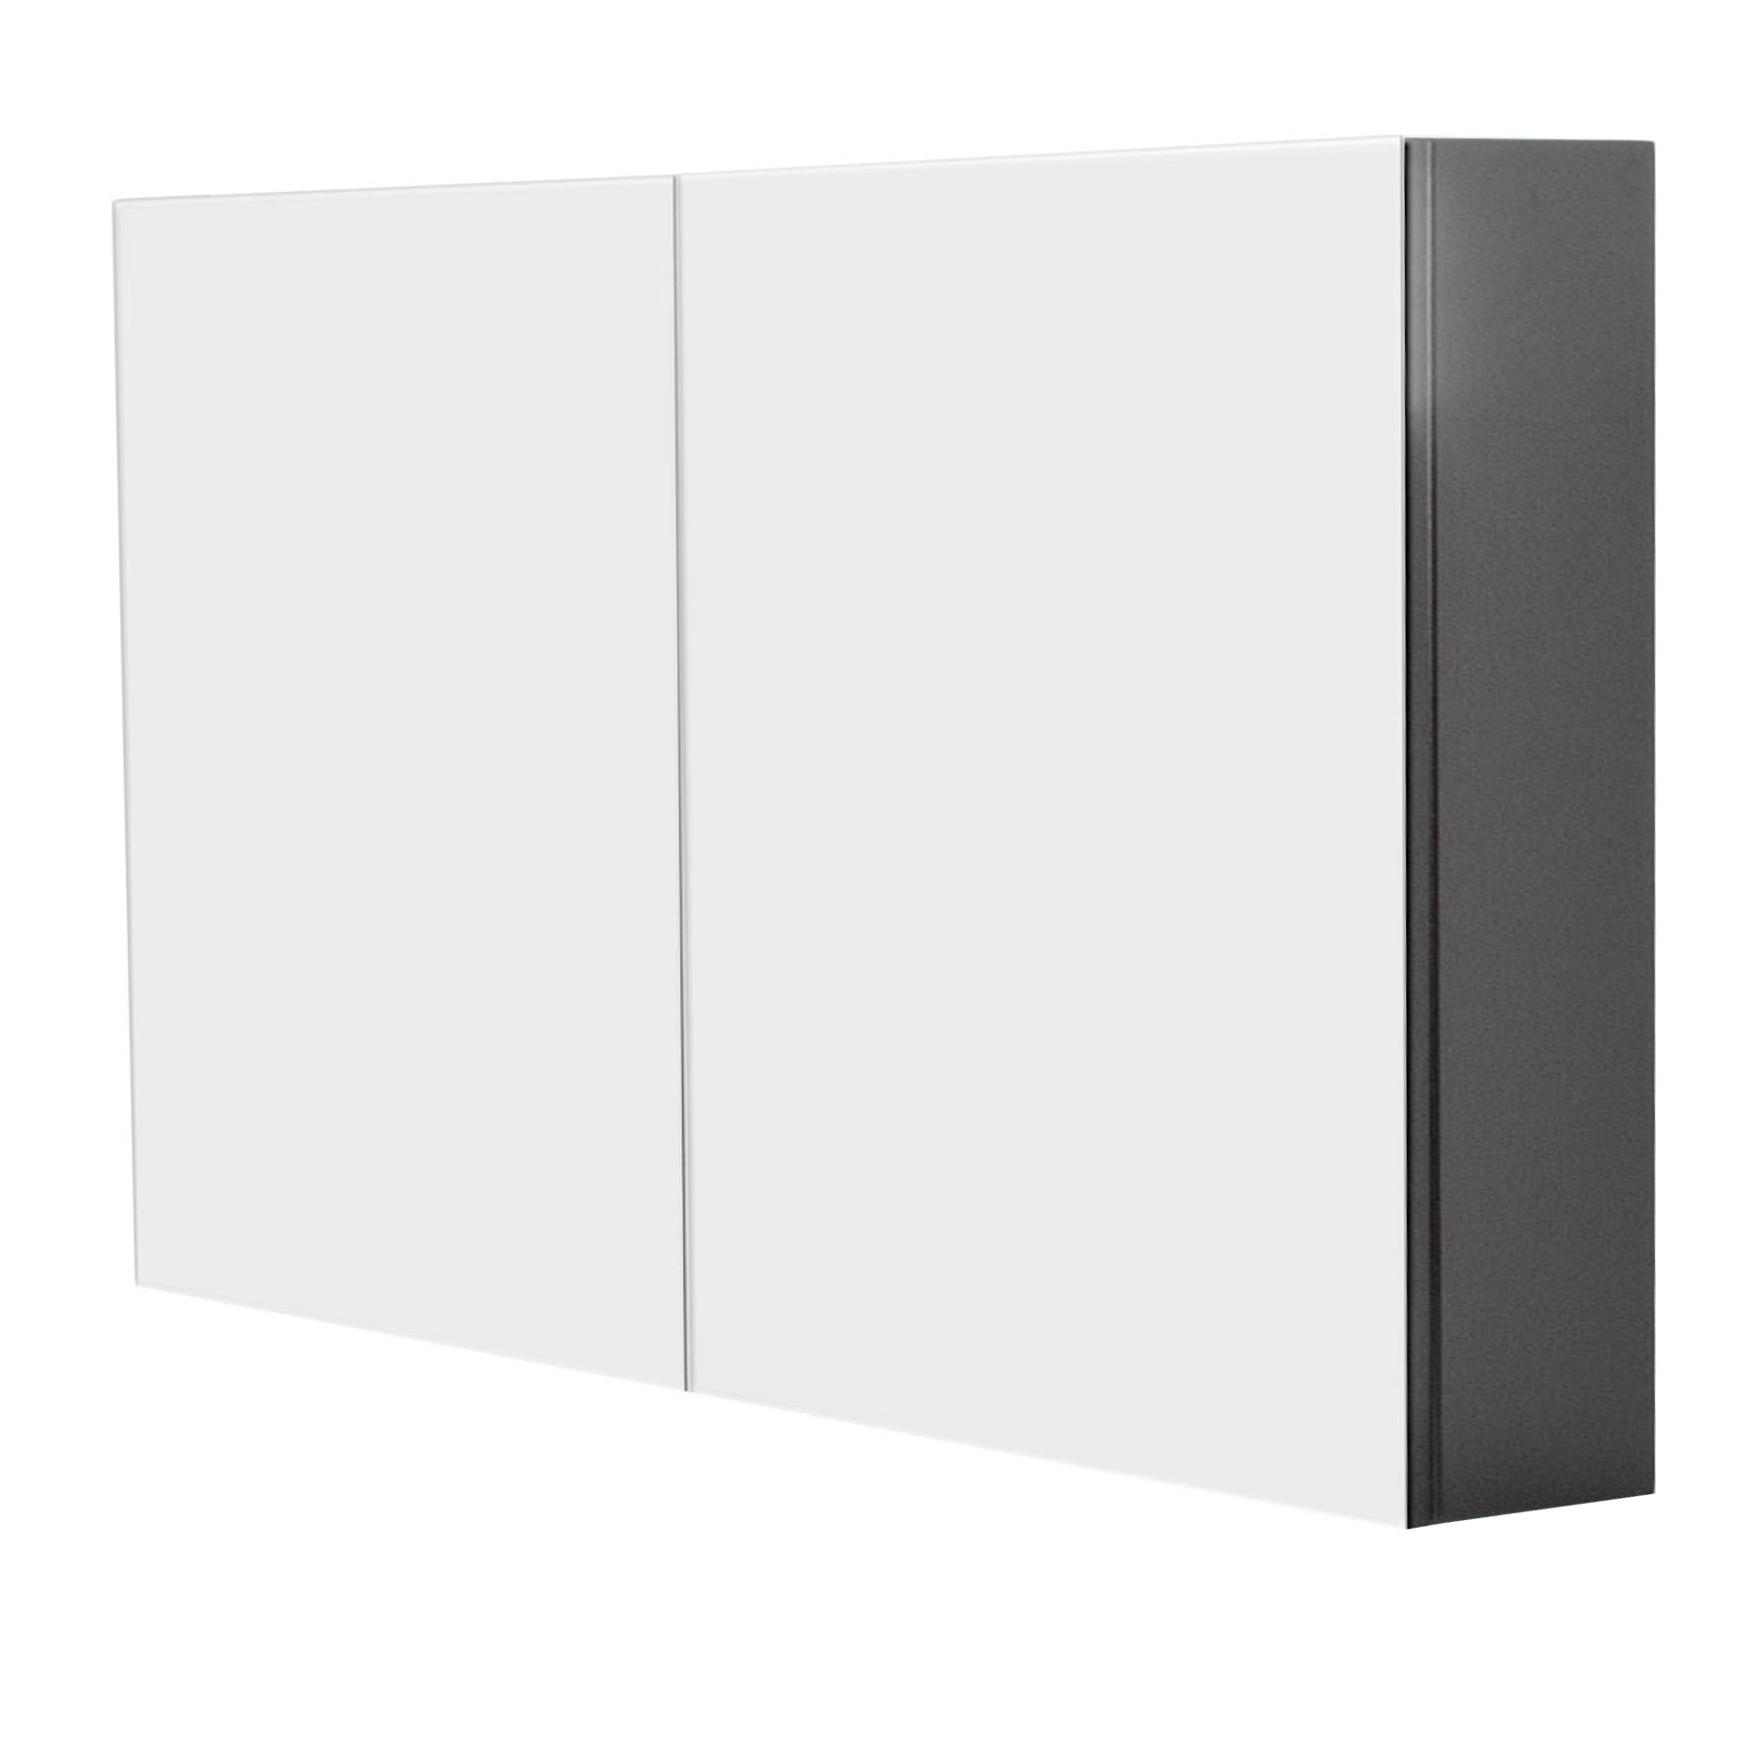 Bad spiegelschrank levia 2 t rig 100 cm breit grau for Spiegelschrank grau